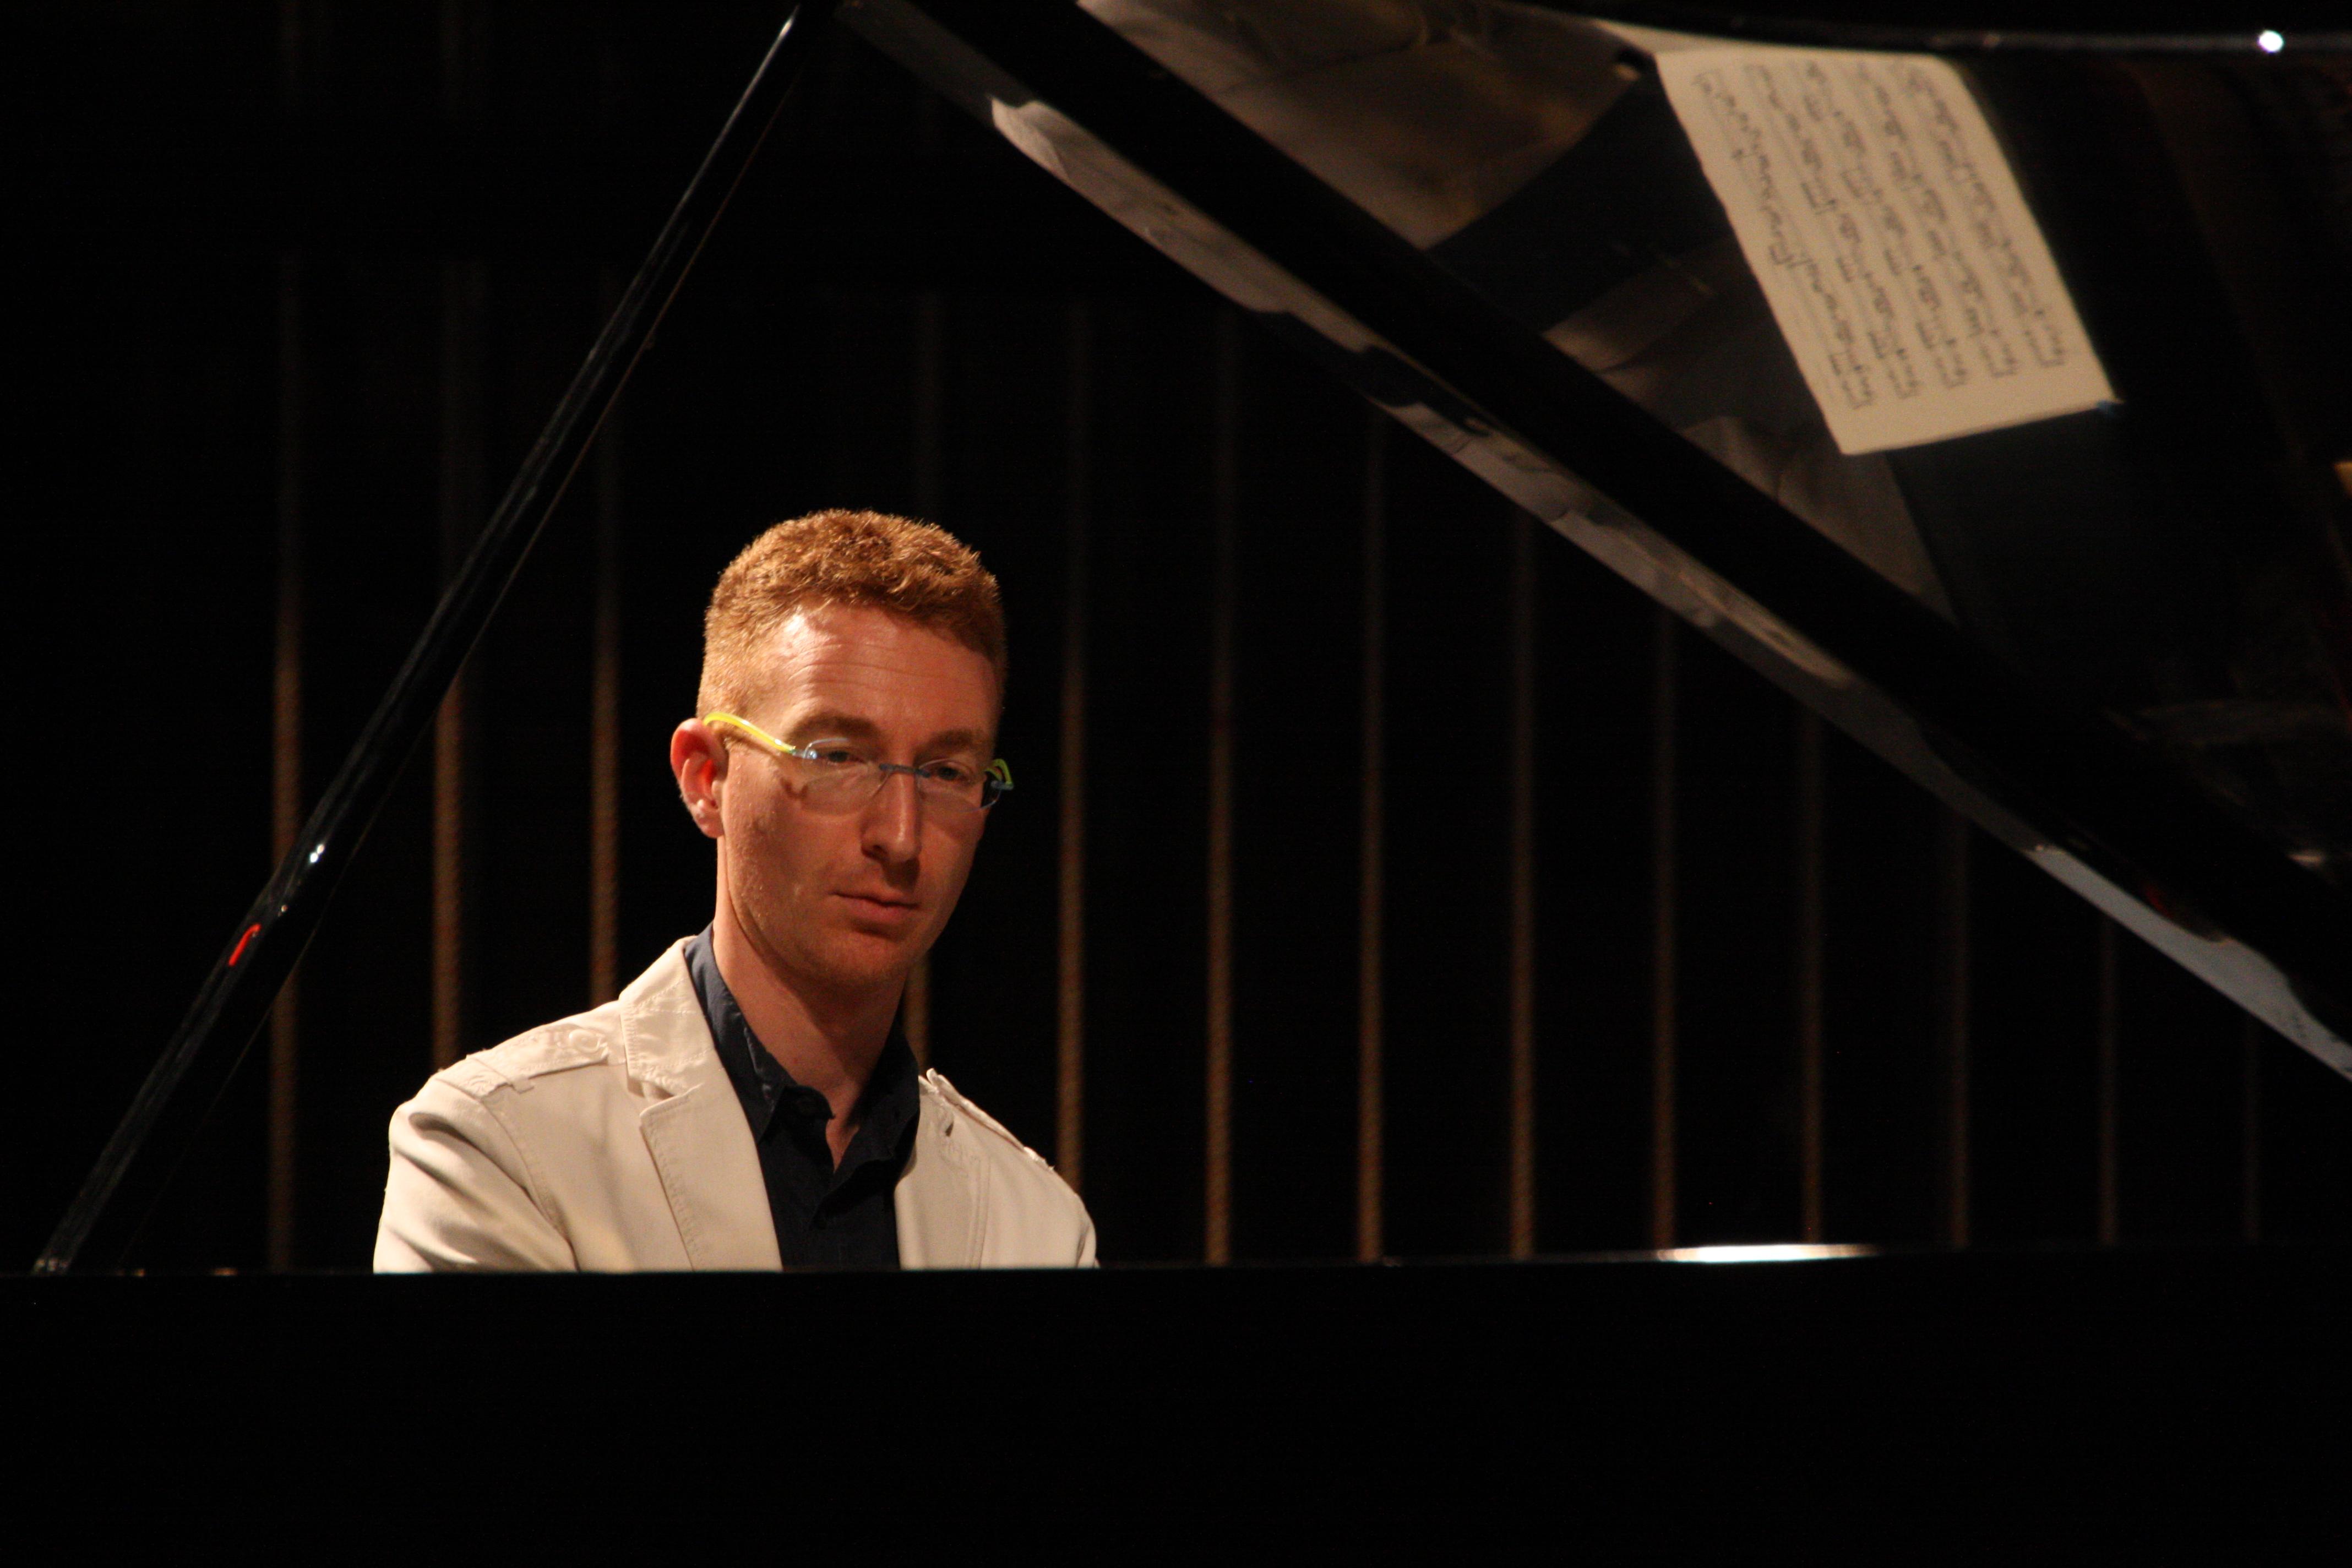 Piano professor tips the scales